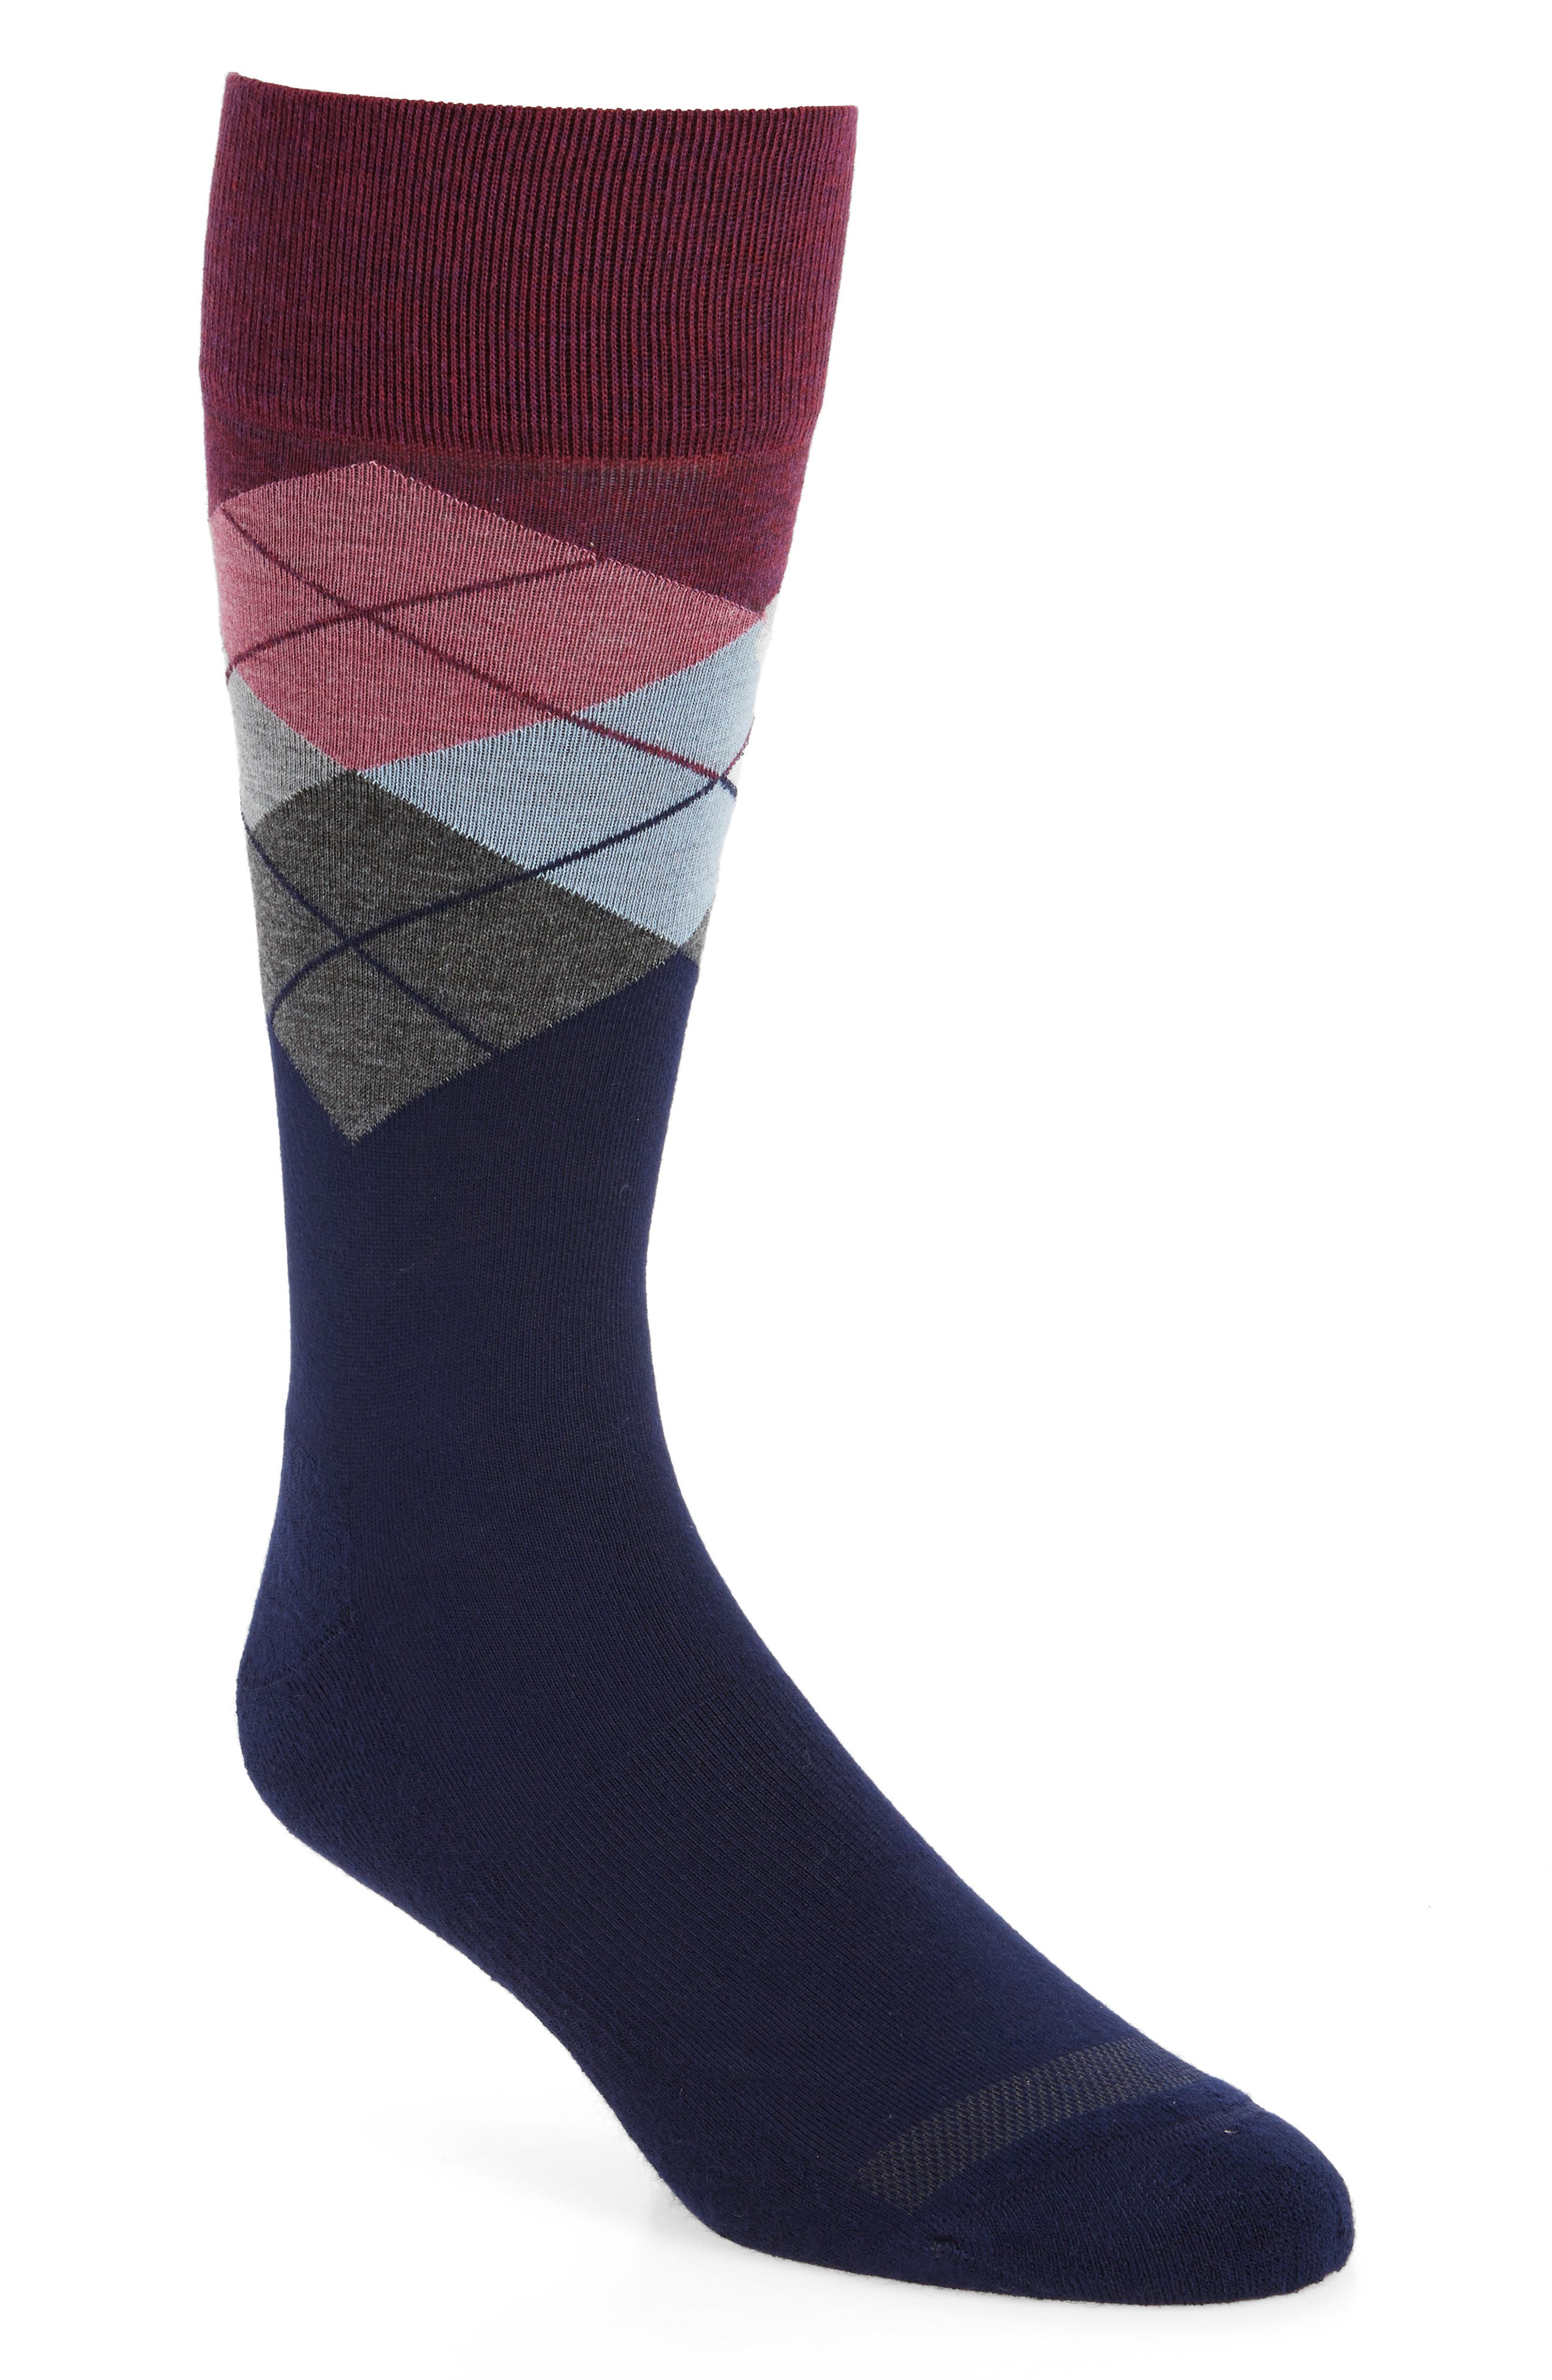 Argyle Socks,                         Main,                         color, Burgundy